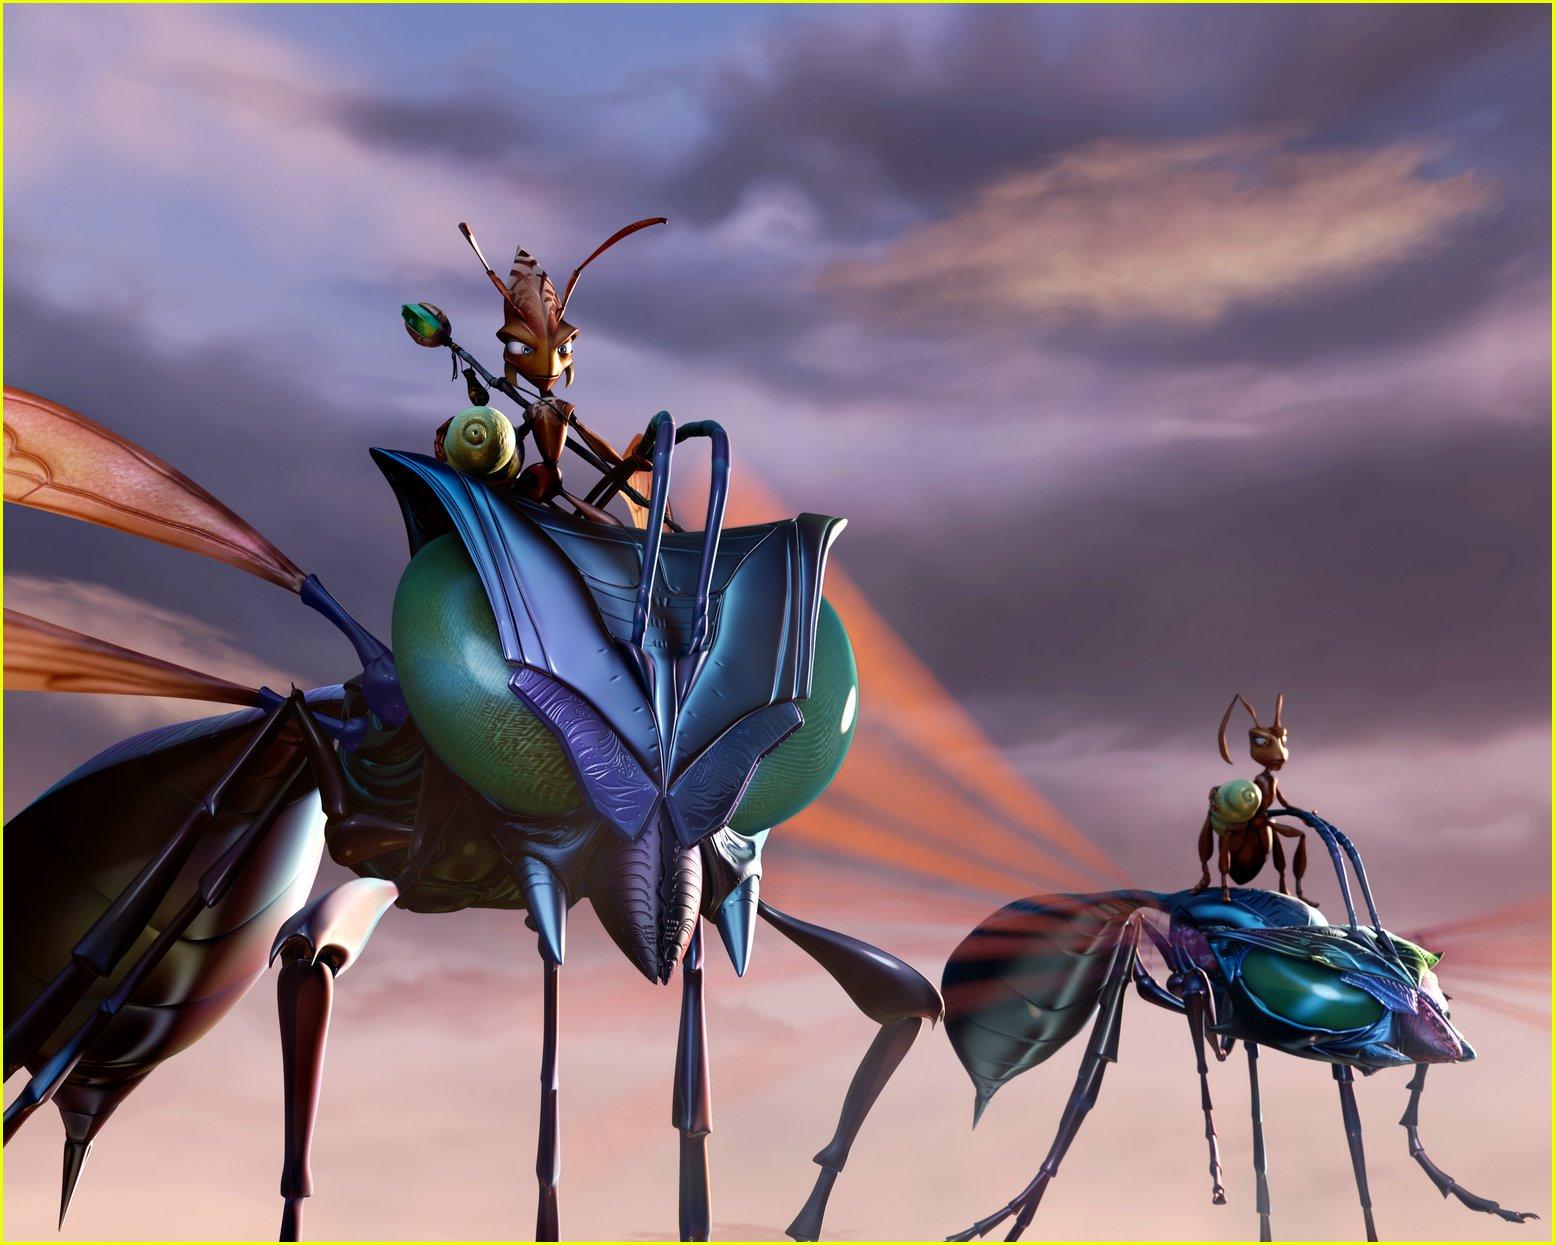 Full Sized Photo Of Ant Bully Stills21